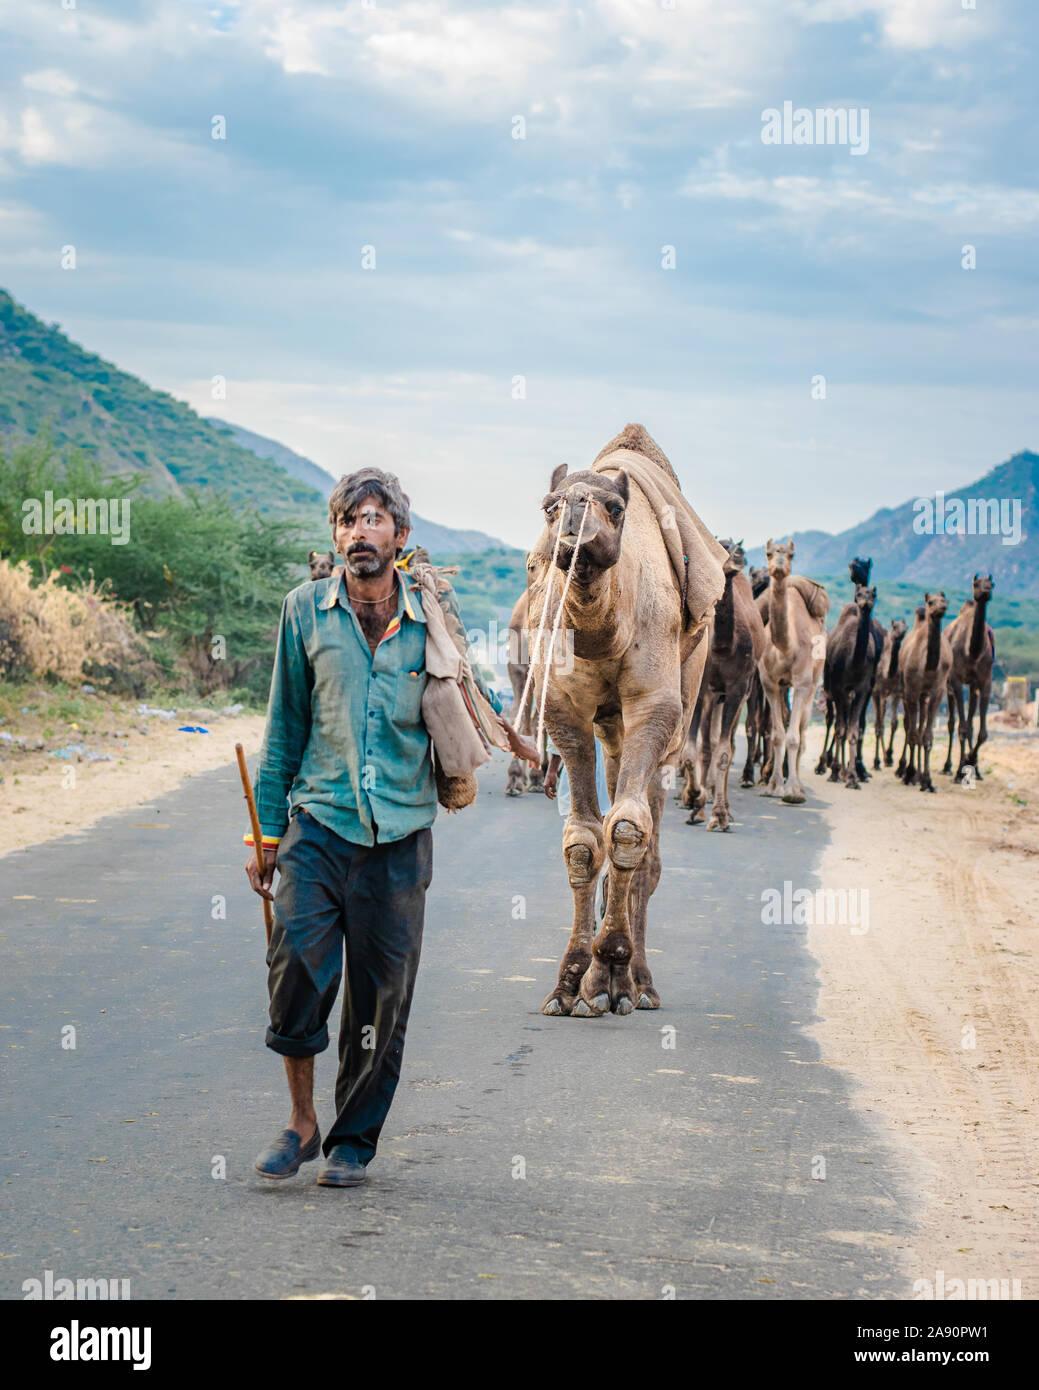 Kamelhändler, die mit seiner Karawane aus dem Wüstenwald zur jährlichen Kamelmesse in Puschkar, Rajasthan, zurückkehren. Stockfoto